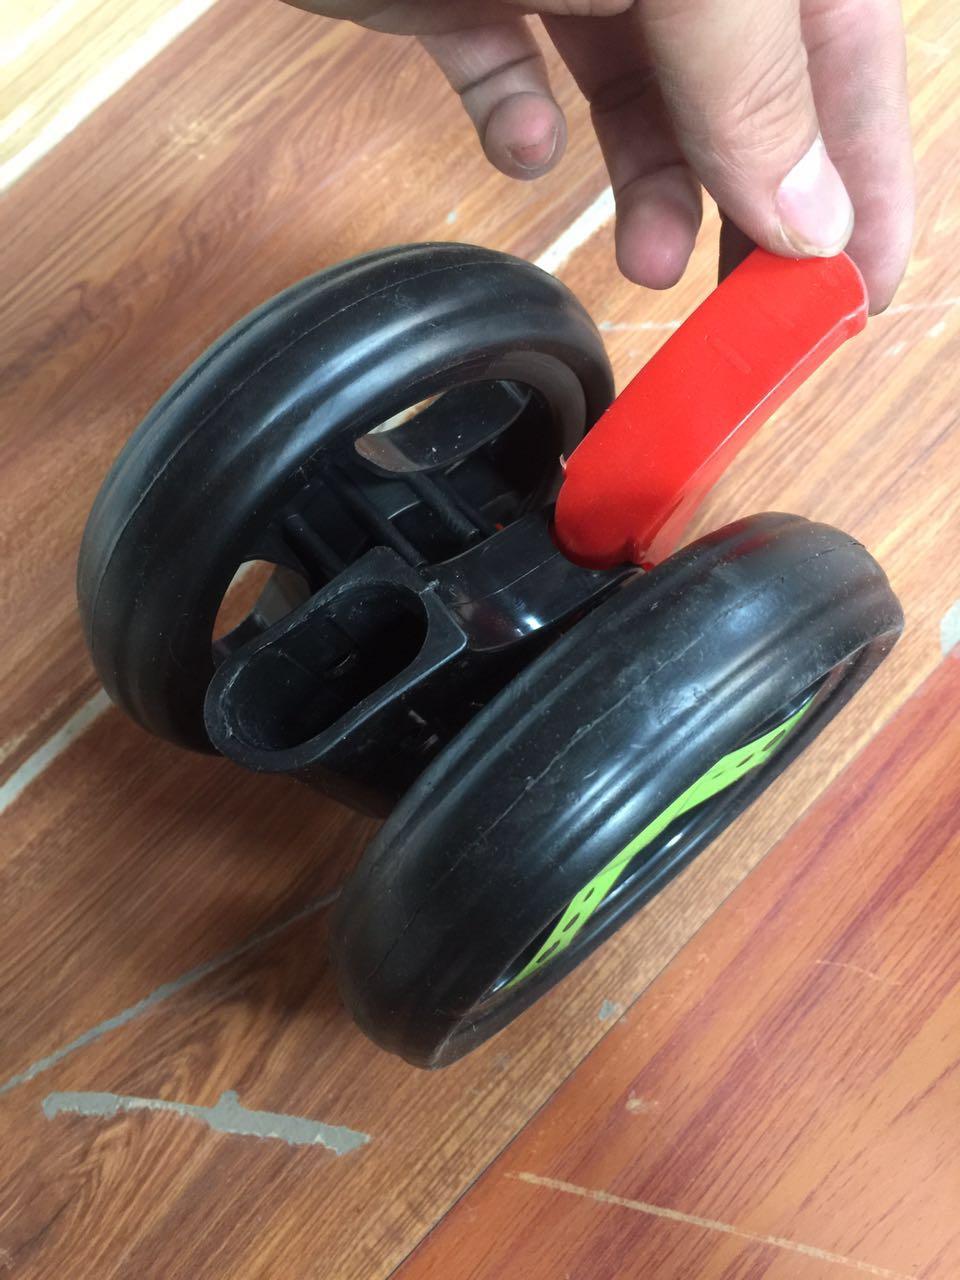 大牌伞车四轮小推车轻便车万向前轮后轮仿藤小车童车车轮配件维修